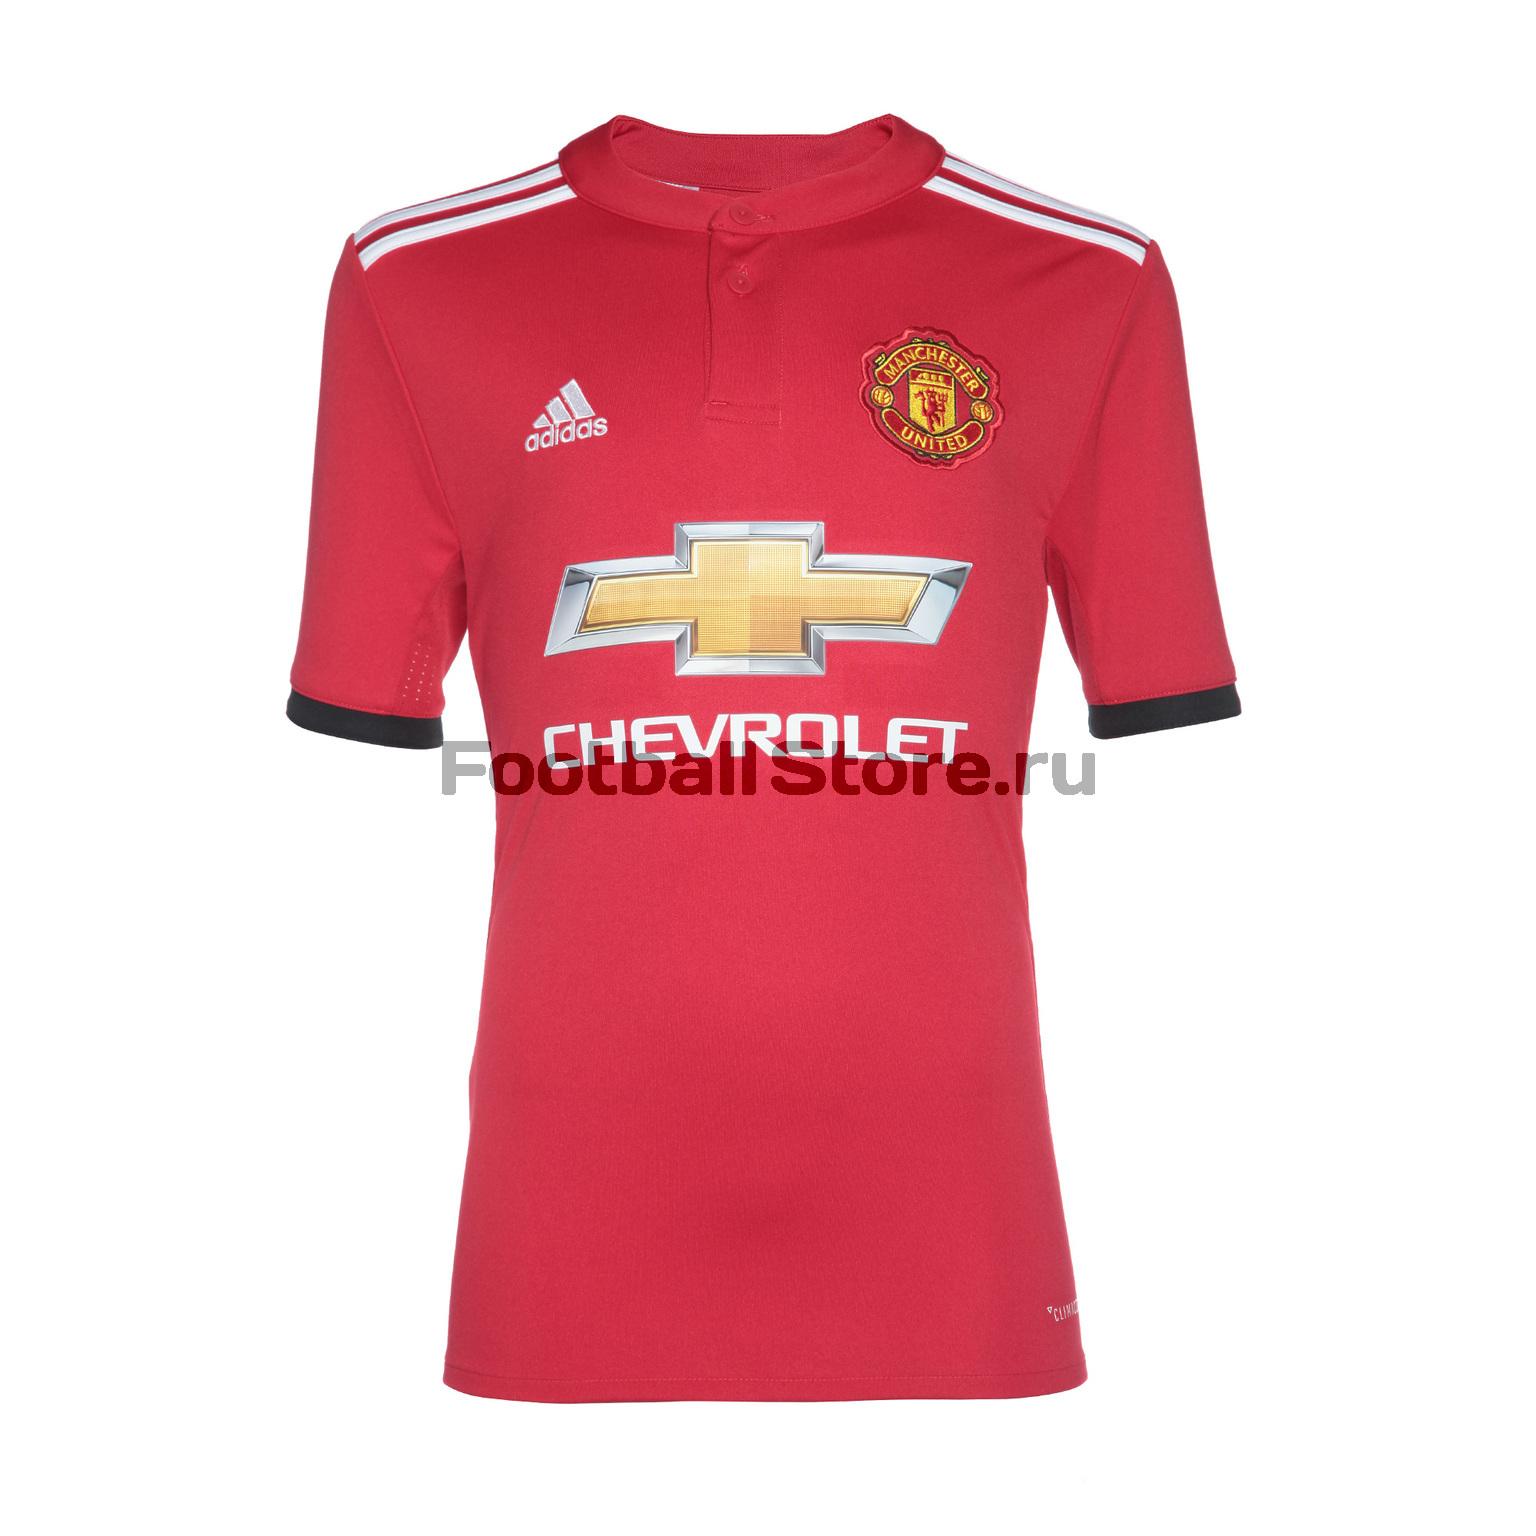 Клубная продукция Adidas Футболка подростковая Adidas Manchester United Home AZ7584